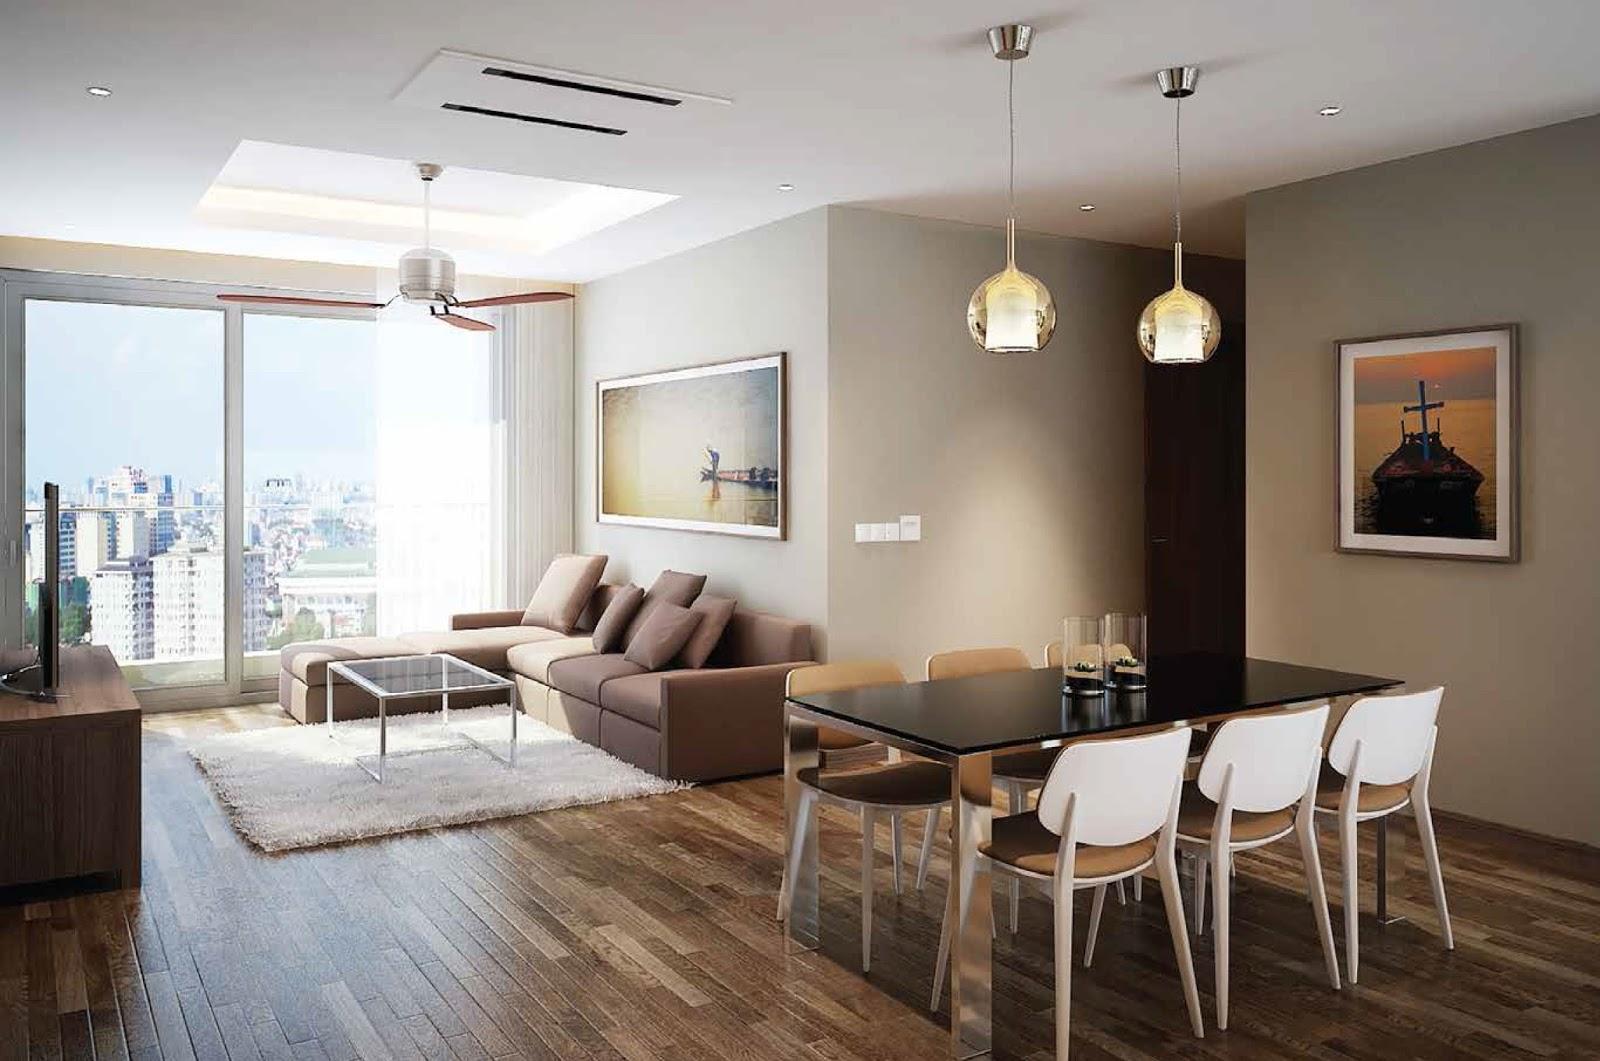 [Bản chuẩn] Mặt bằng thiết kế chung cư Phú Mỹ Complex